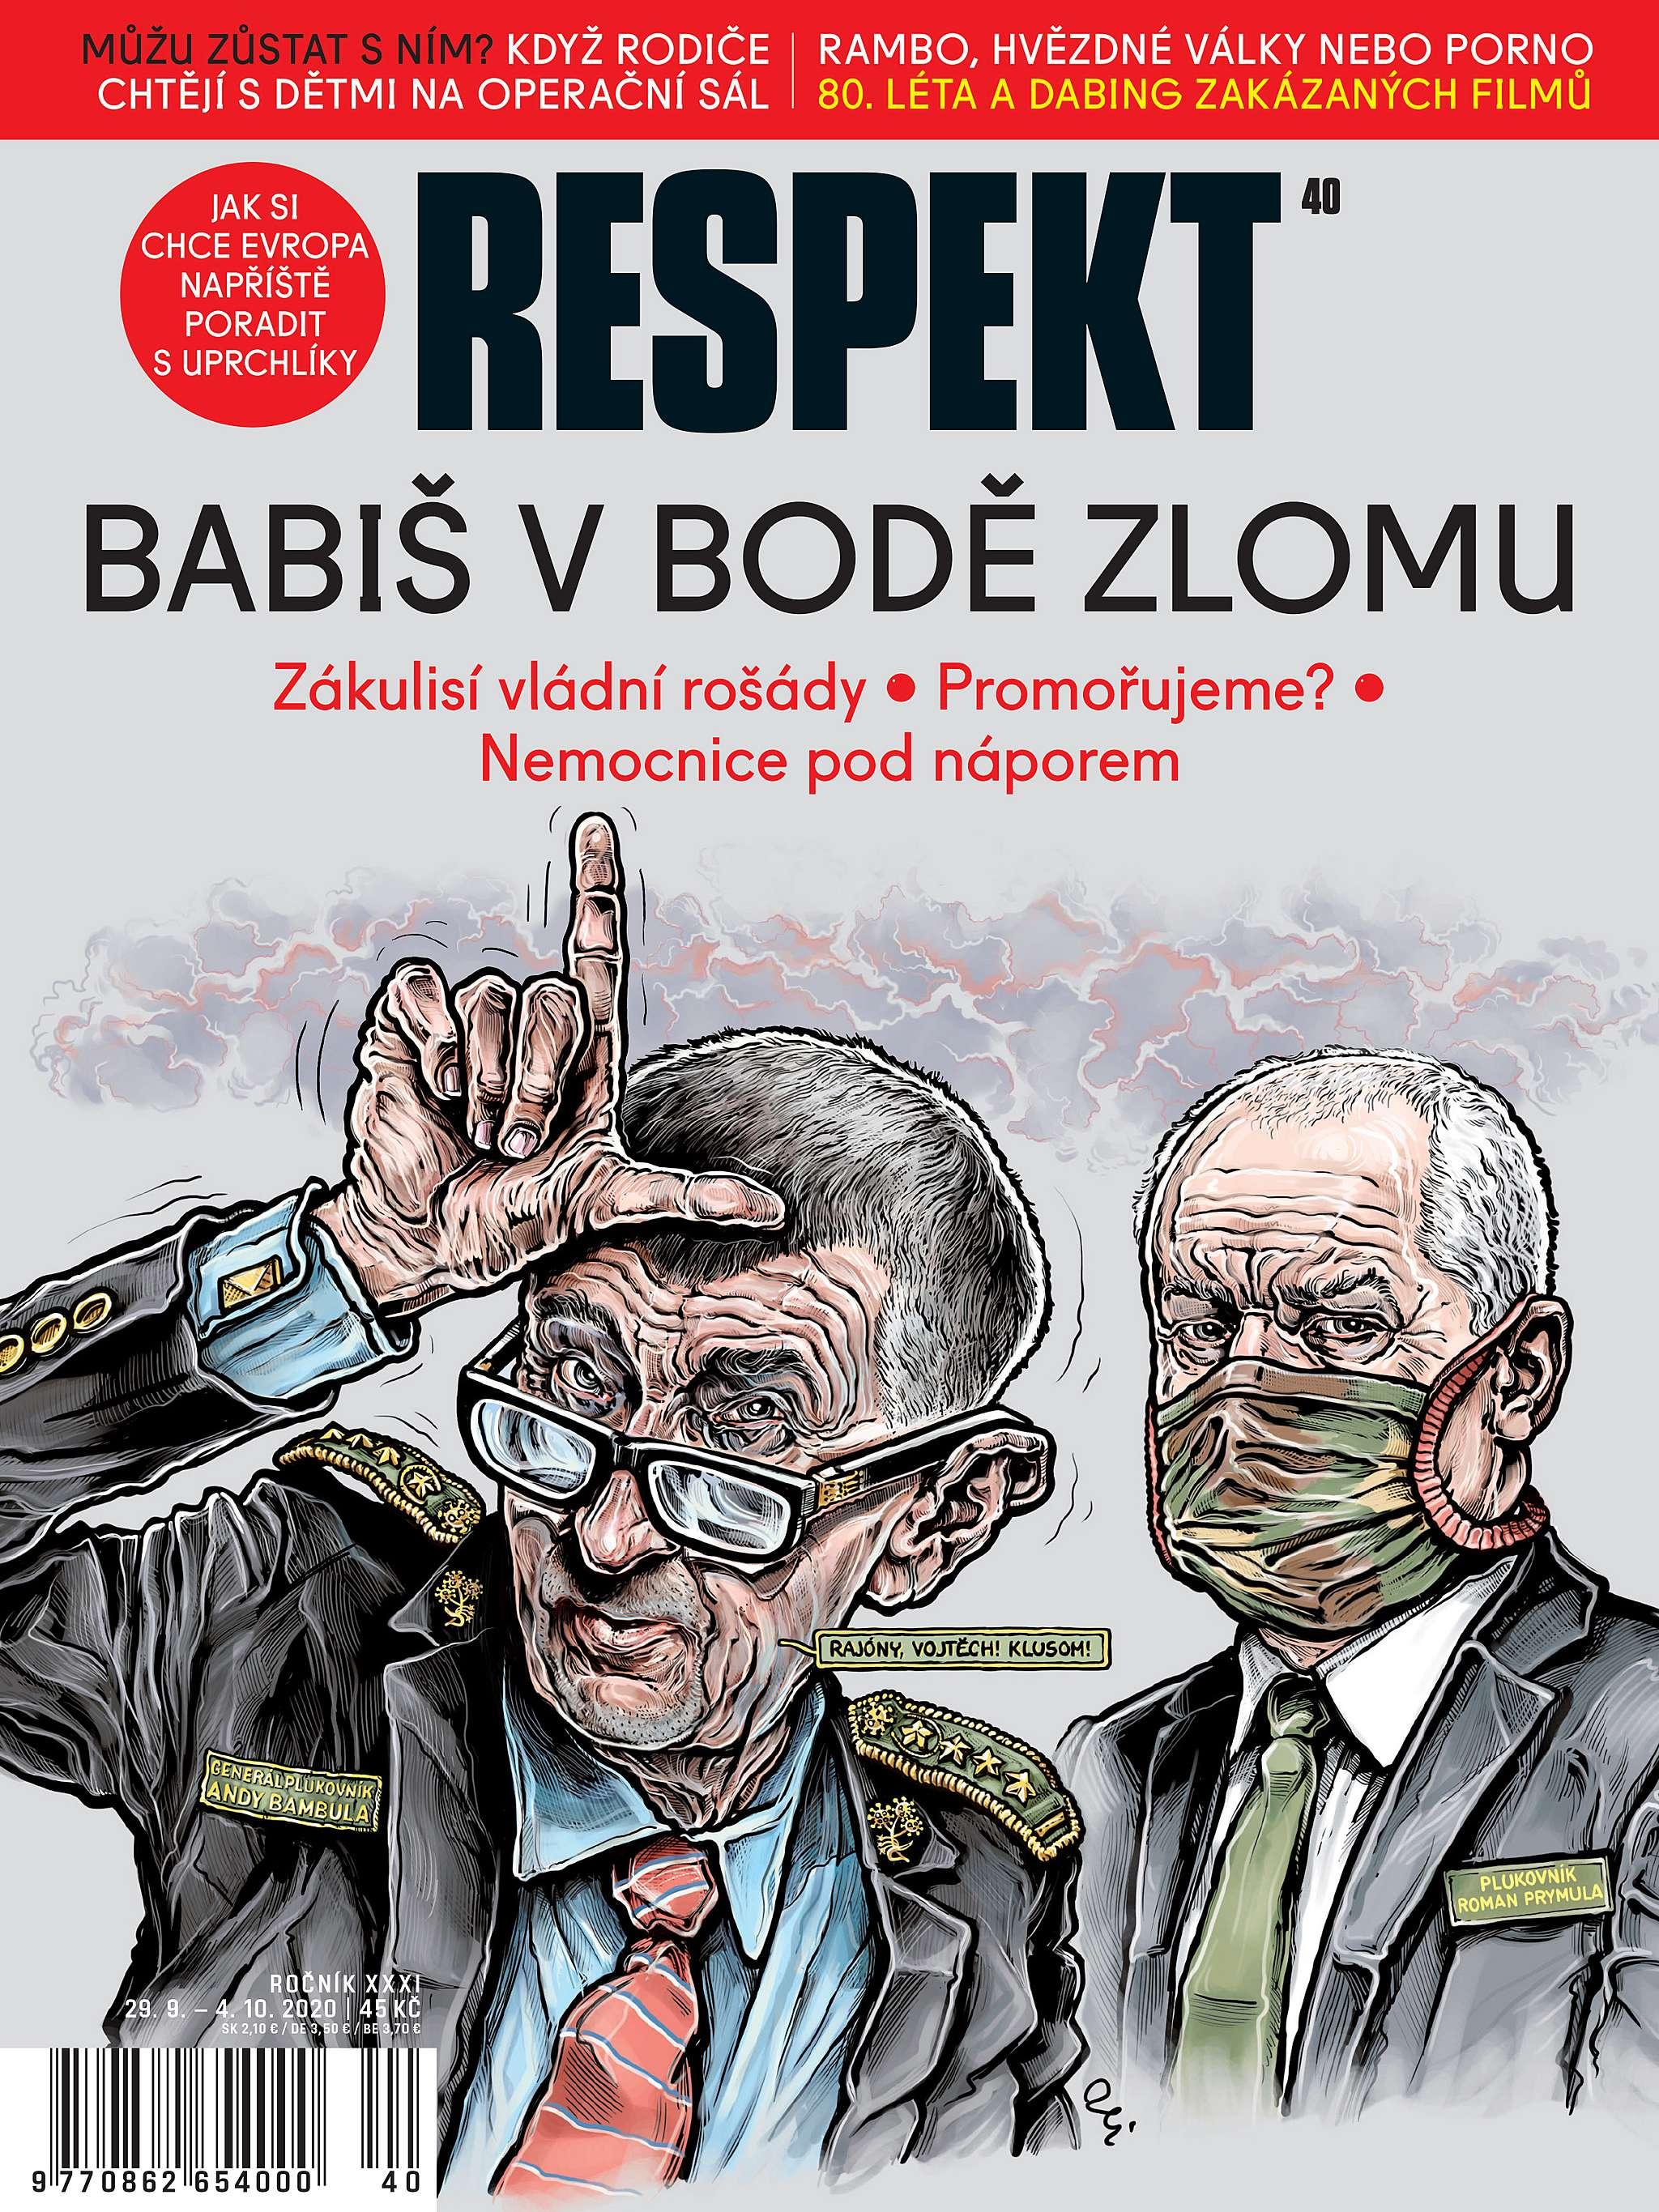 ANO vpředvolebních průzkumech ztrácí. Má se Andrej Babiš začít bát?